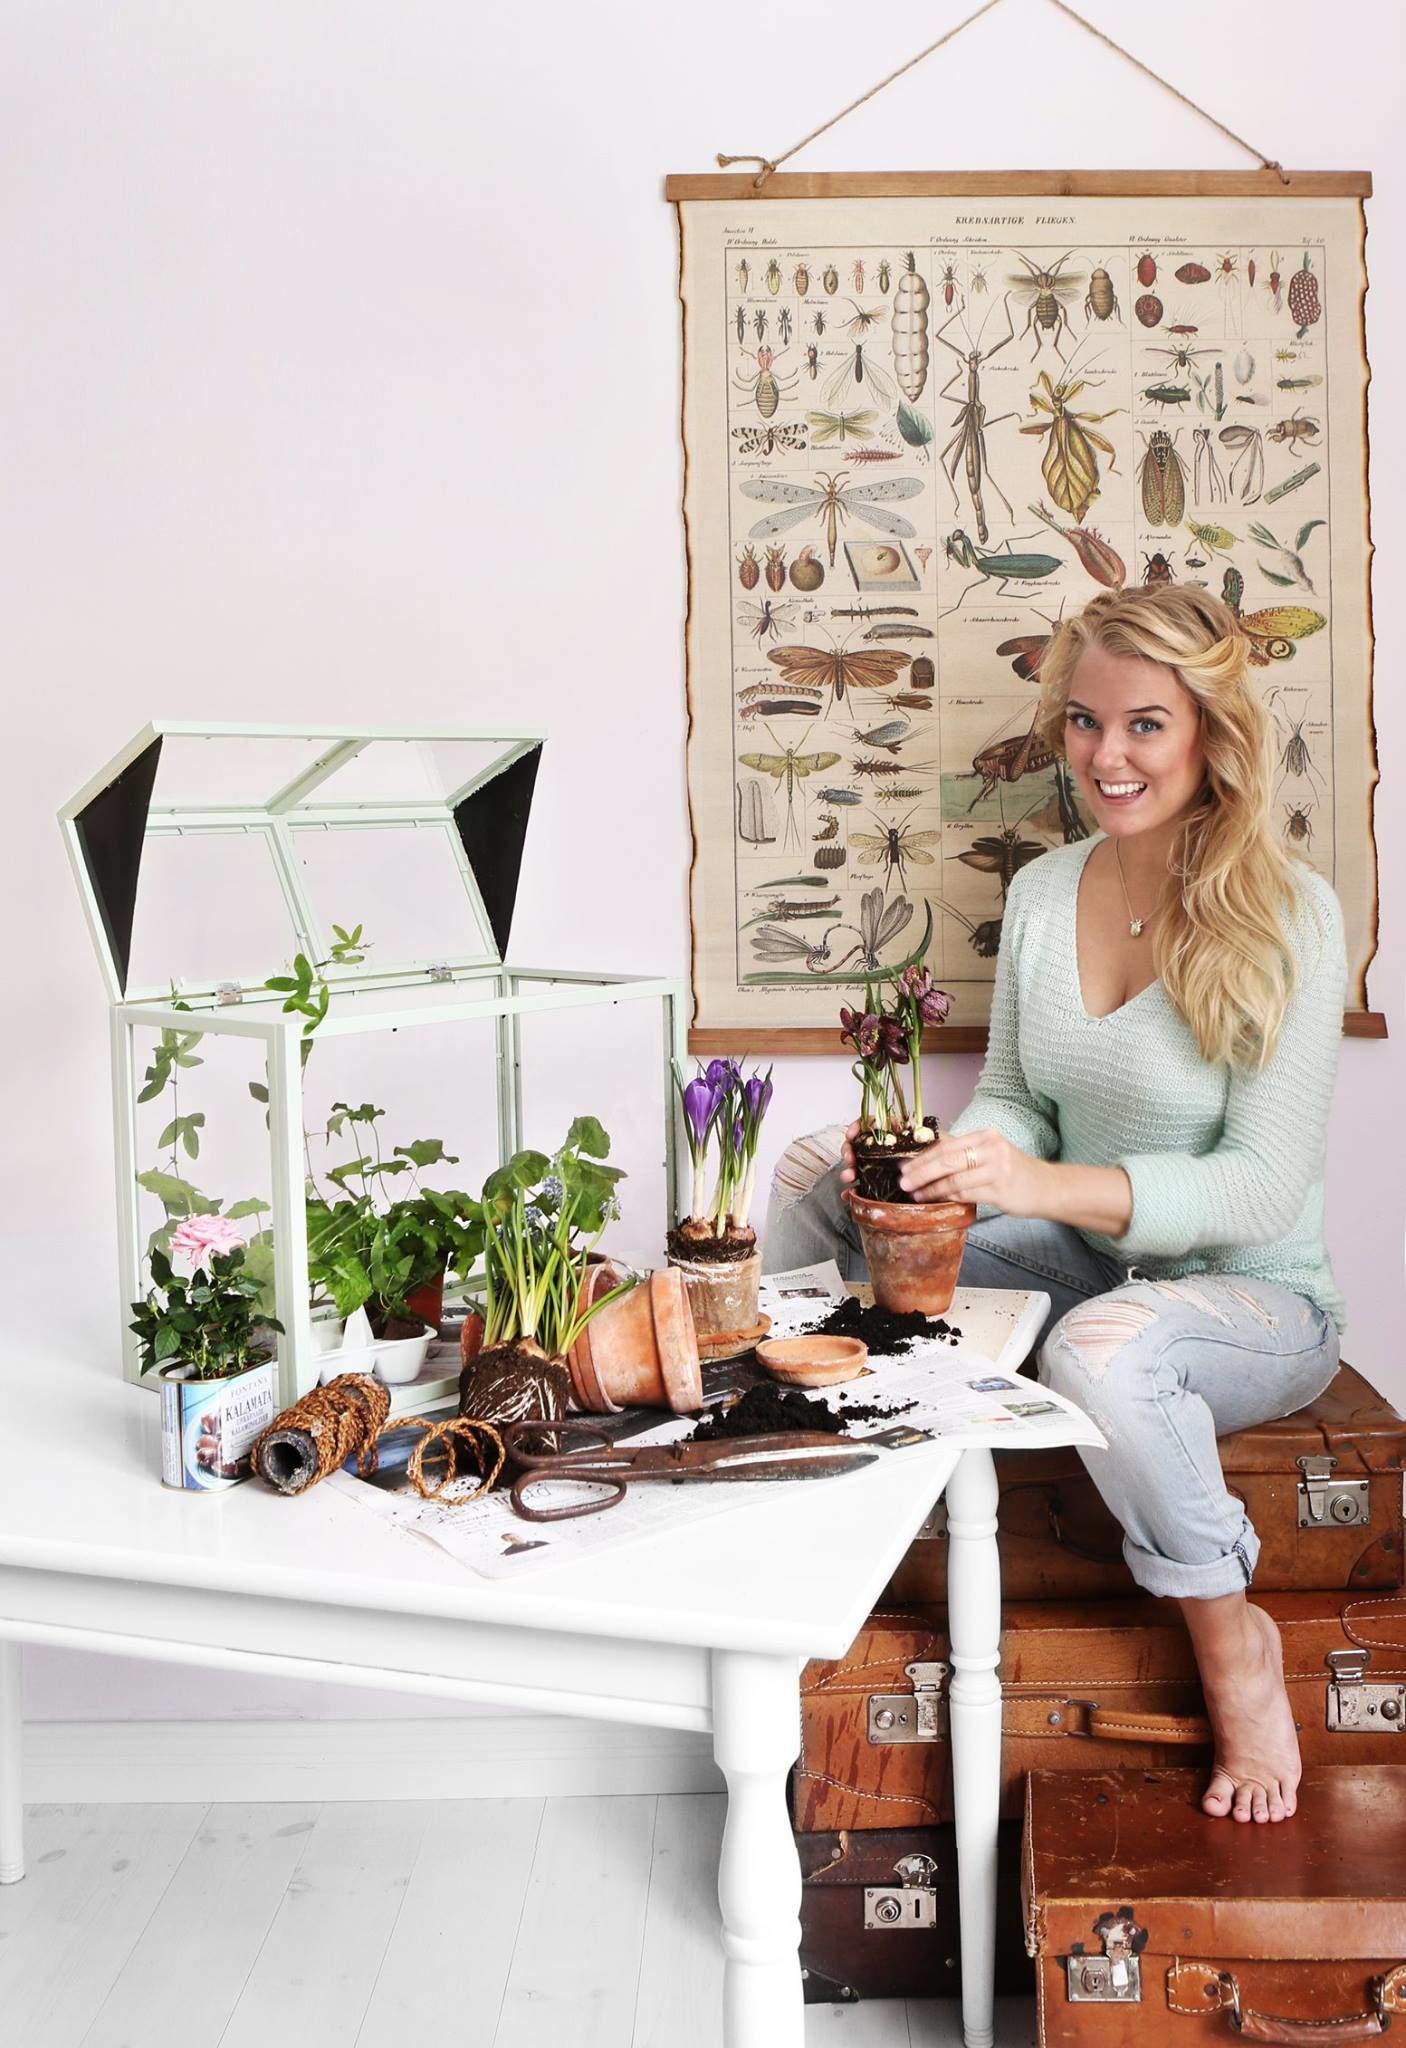 Växthus av tavelramar fungerar som drivhus.